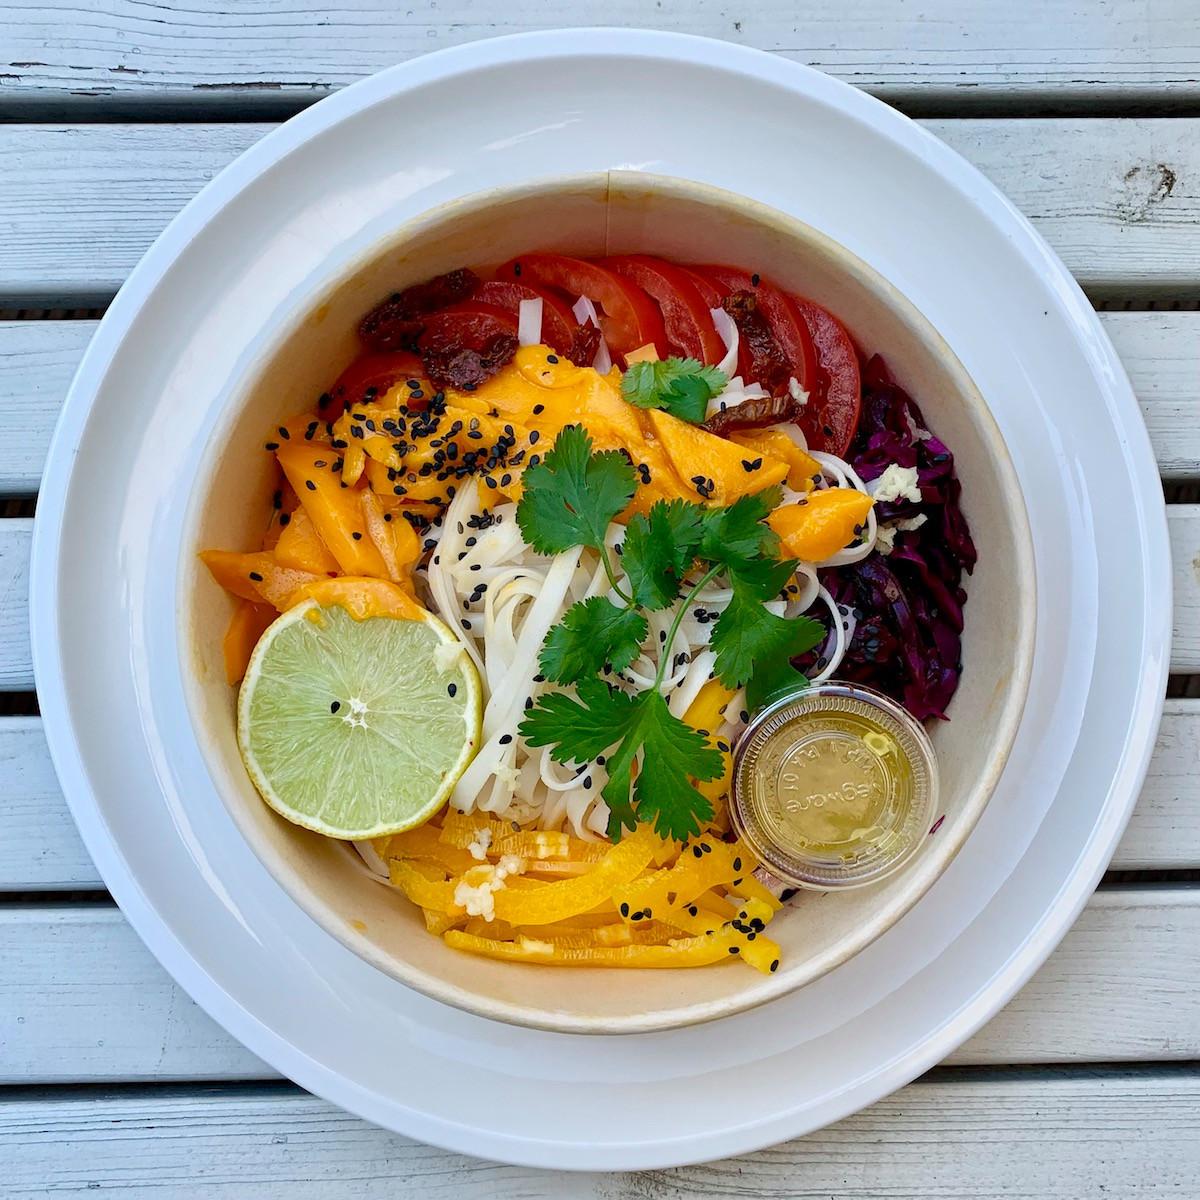 Couleurs et fraîcheur pour lasalade «Nam Jim» d'Alavita Kitchen. (Photo: Maison Moderne)